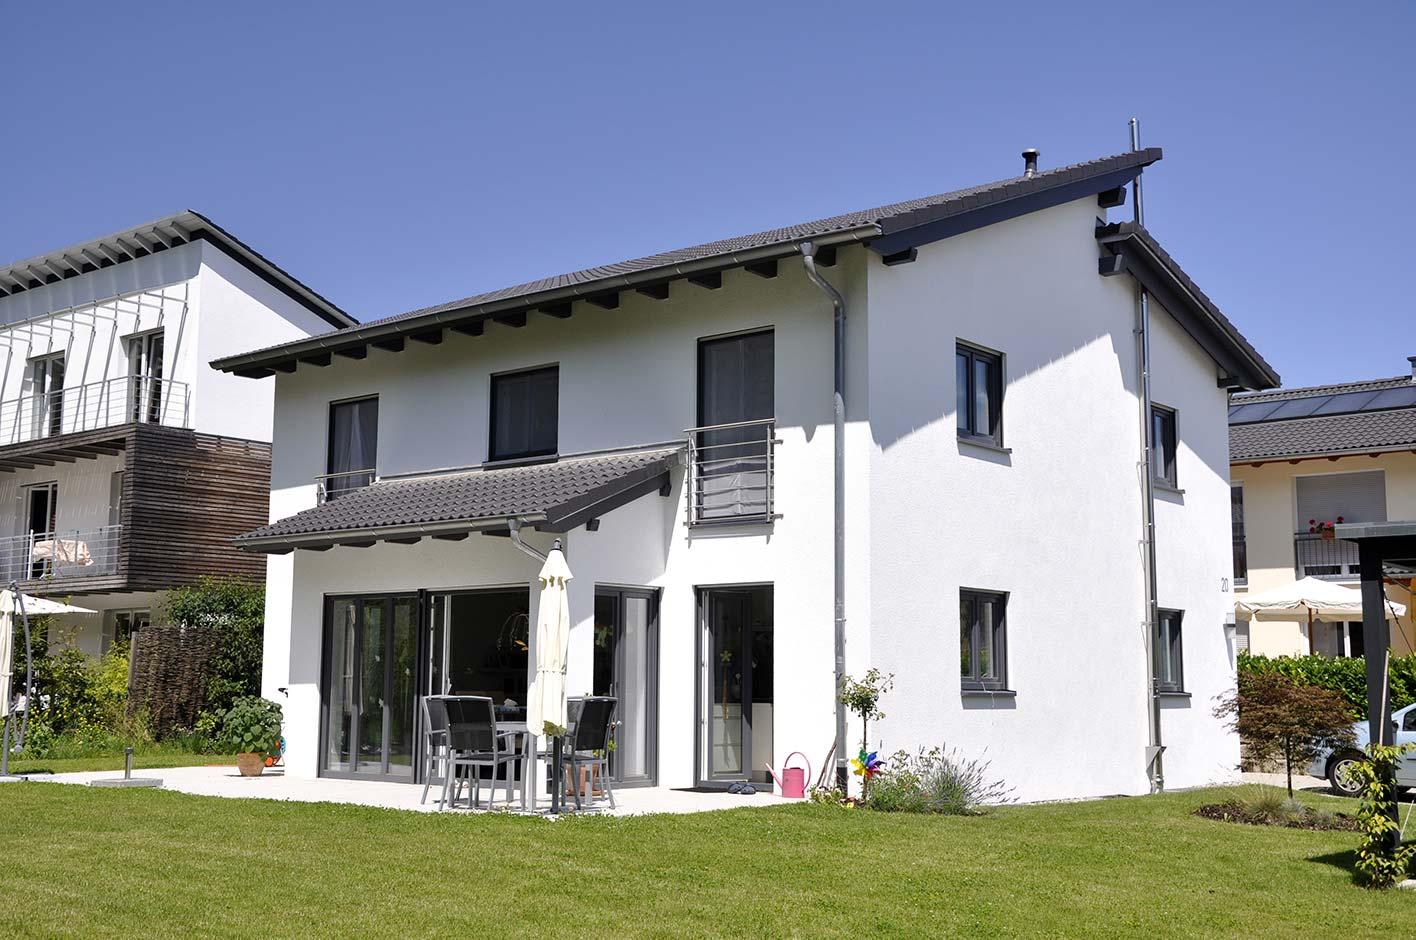 große Fenster in modernen Farben werden im privaten Hausbau immer beliebter.